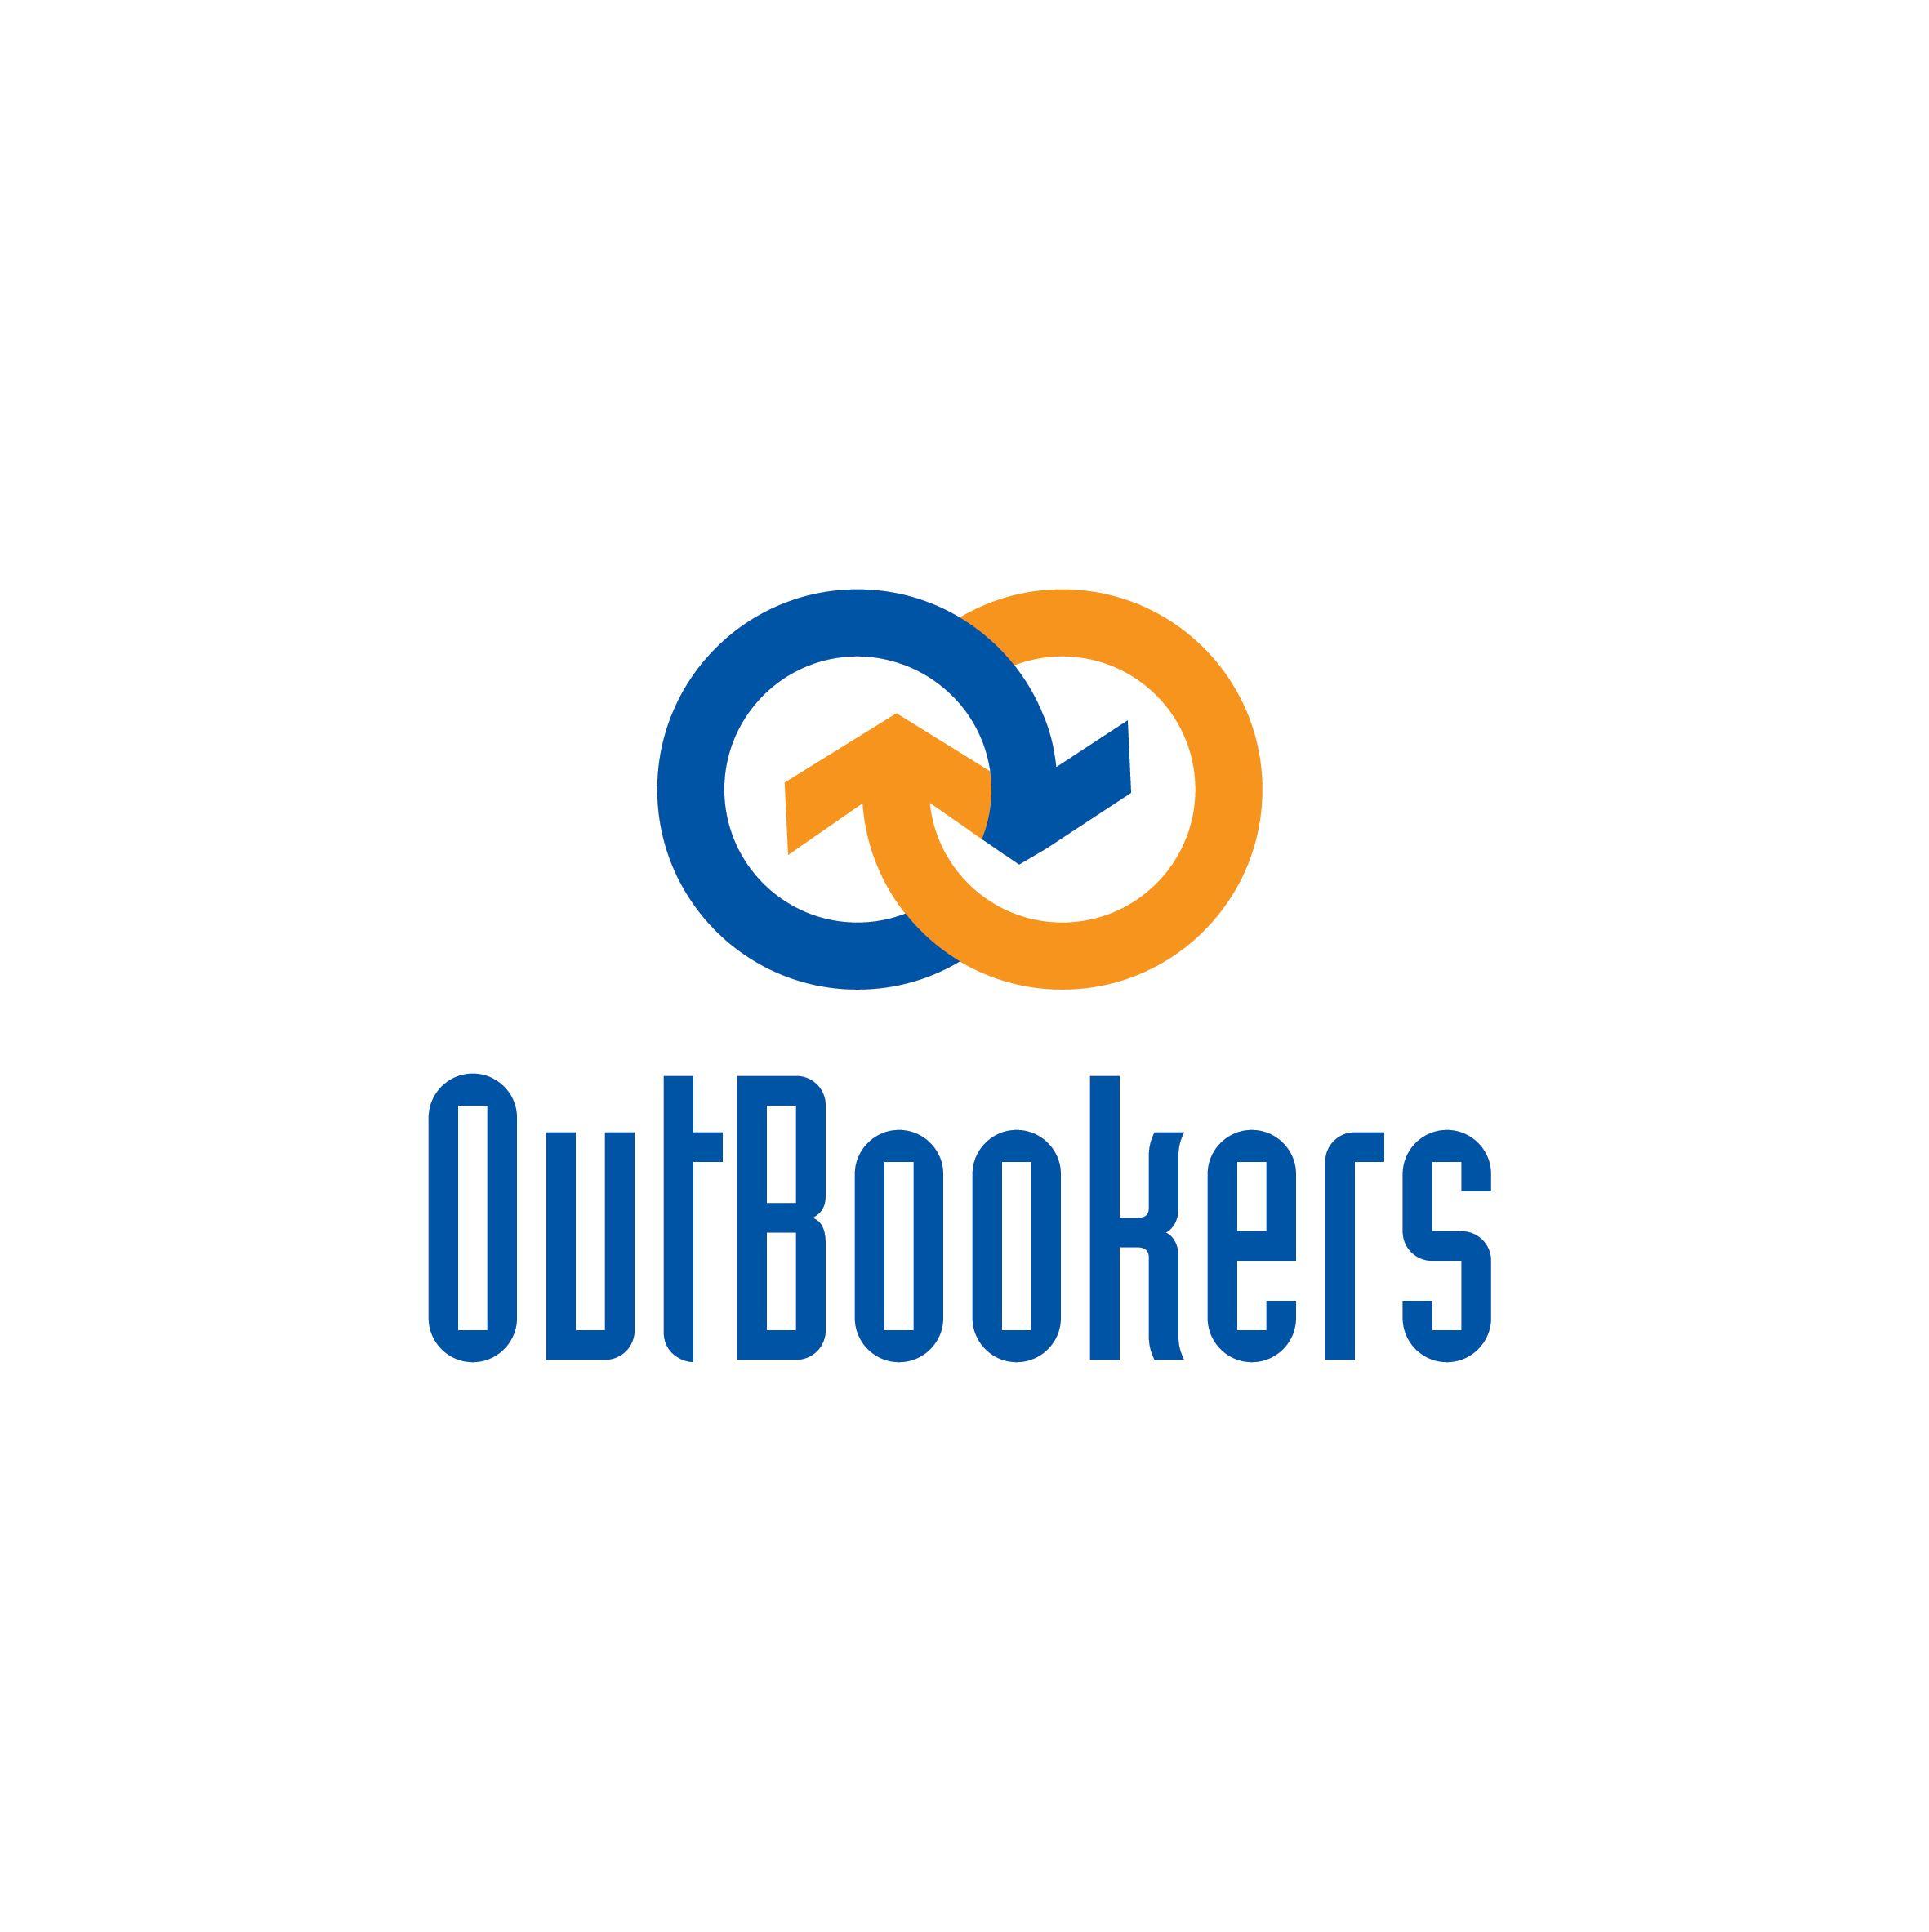 Логотип для компании (спортивная аналитика) - дизайнер kit-design